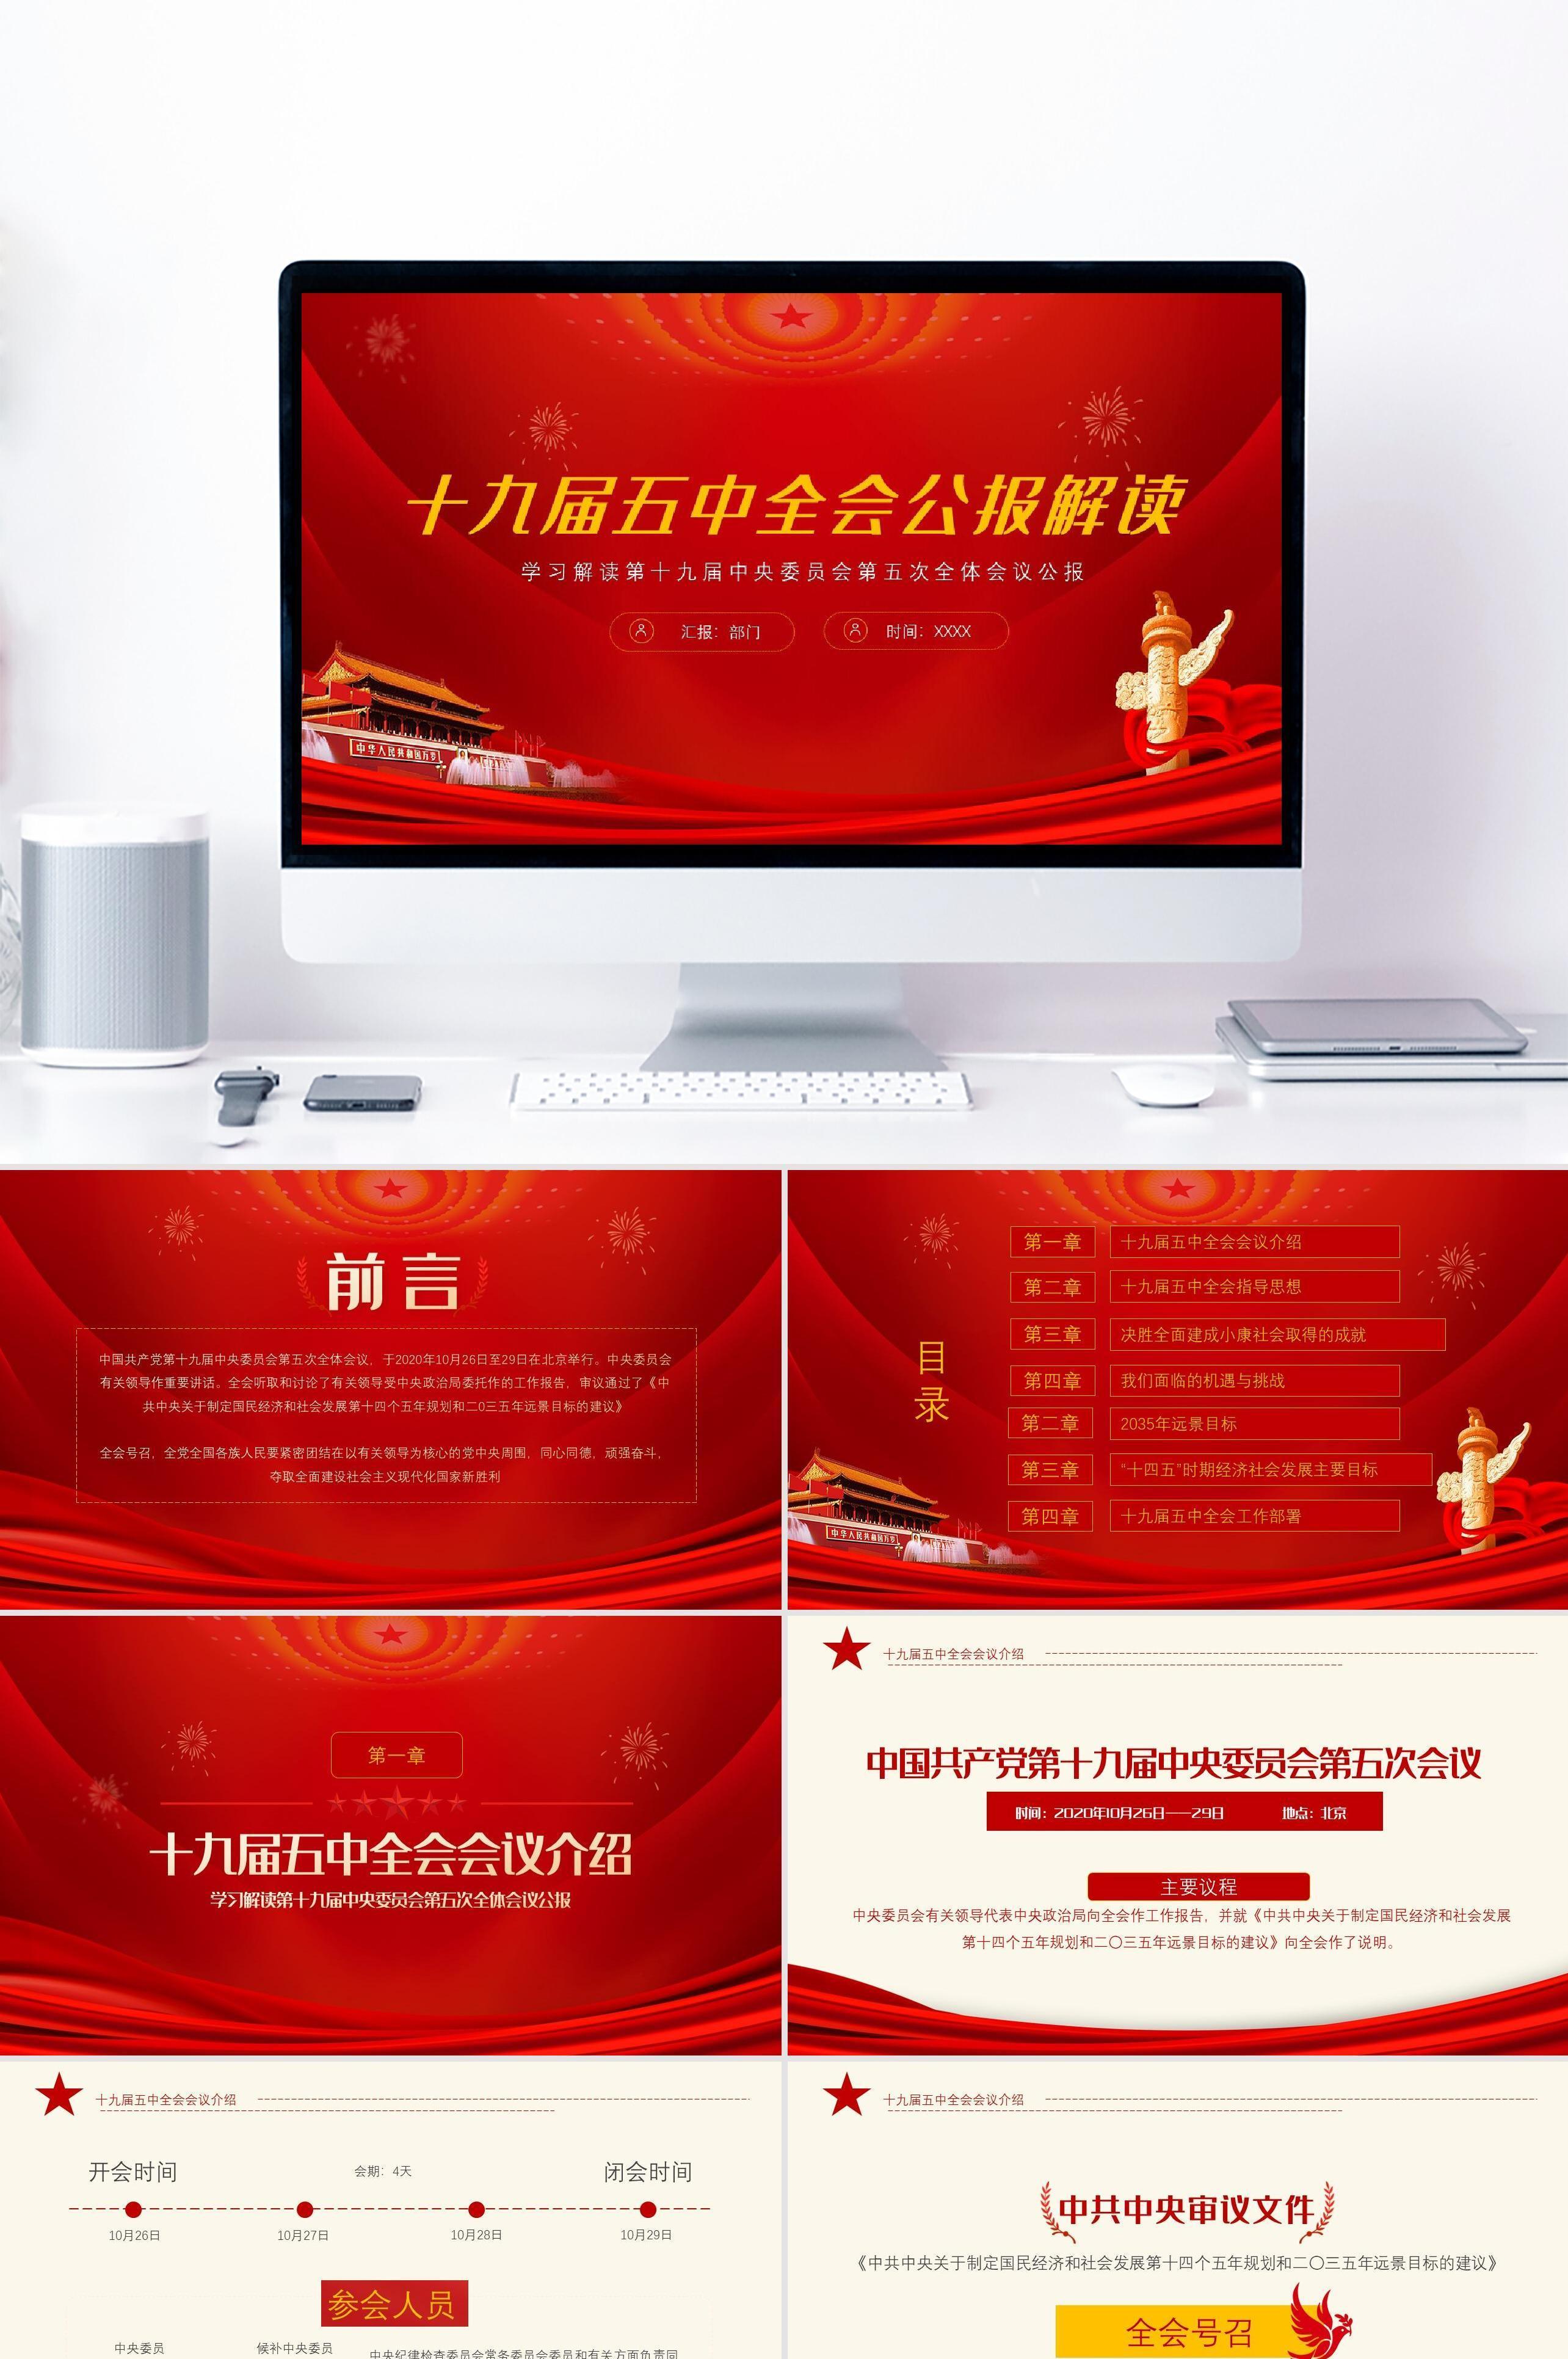 红色党政风解读党的第十九届五中全会PPT模板